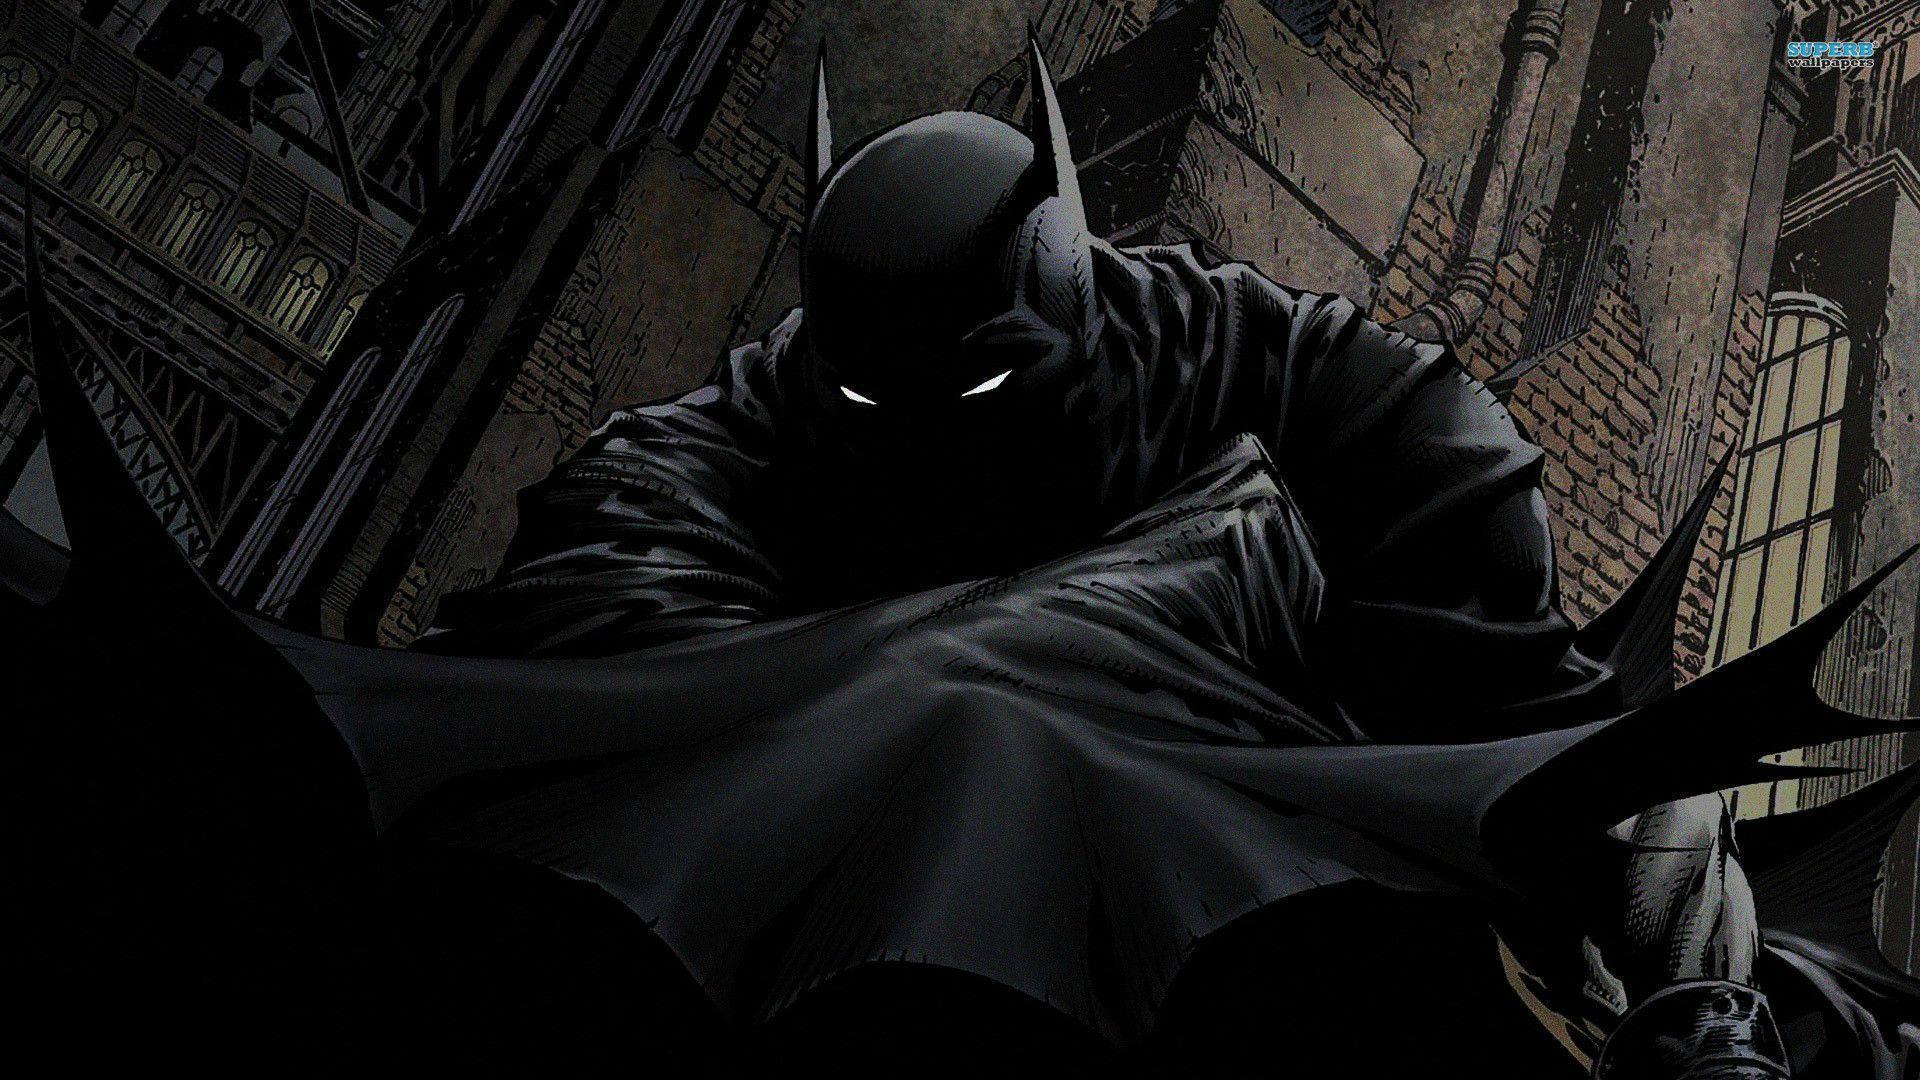 wallpaper comics batman - photo #9